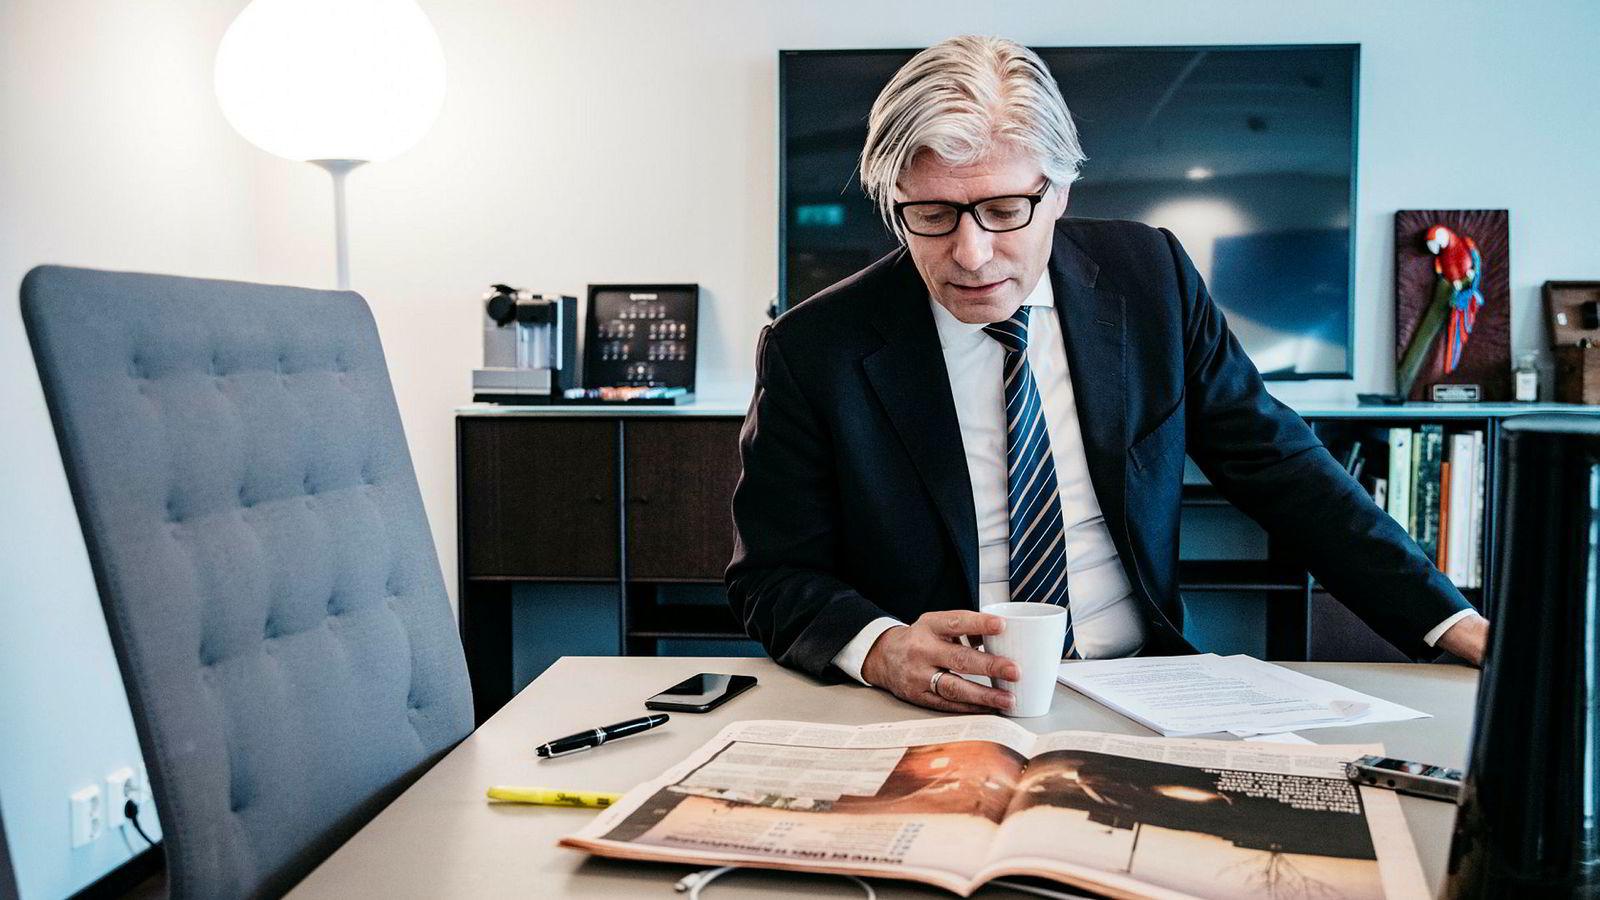 Norge var en pådriver i Katowice for høye ambisjoner, og klima- og miljøminister Ola Elvestuen fikk det ansvarsfulle oppdraget med å megle frem en enighet om noen av de mest krevende spørsmålene. Det lyktes.